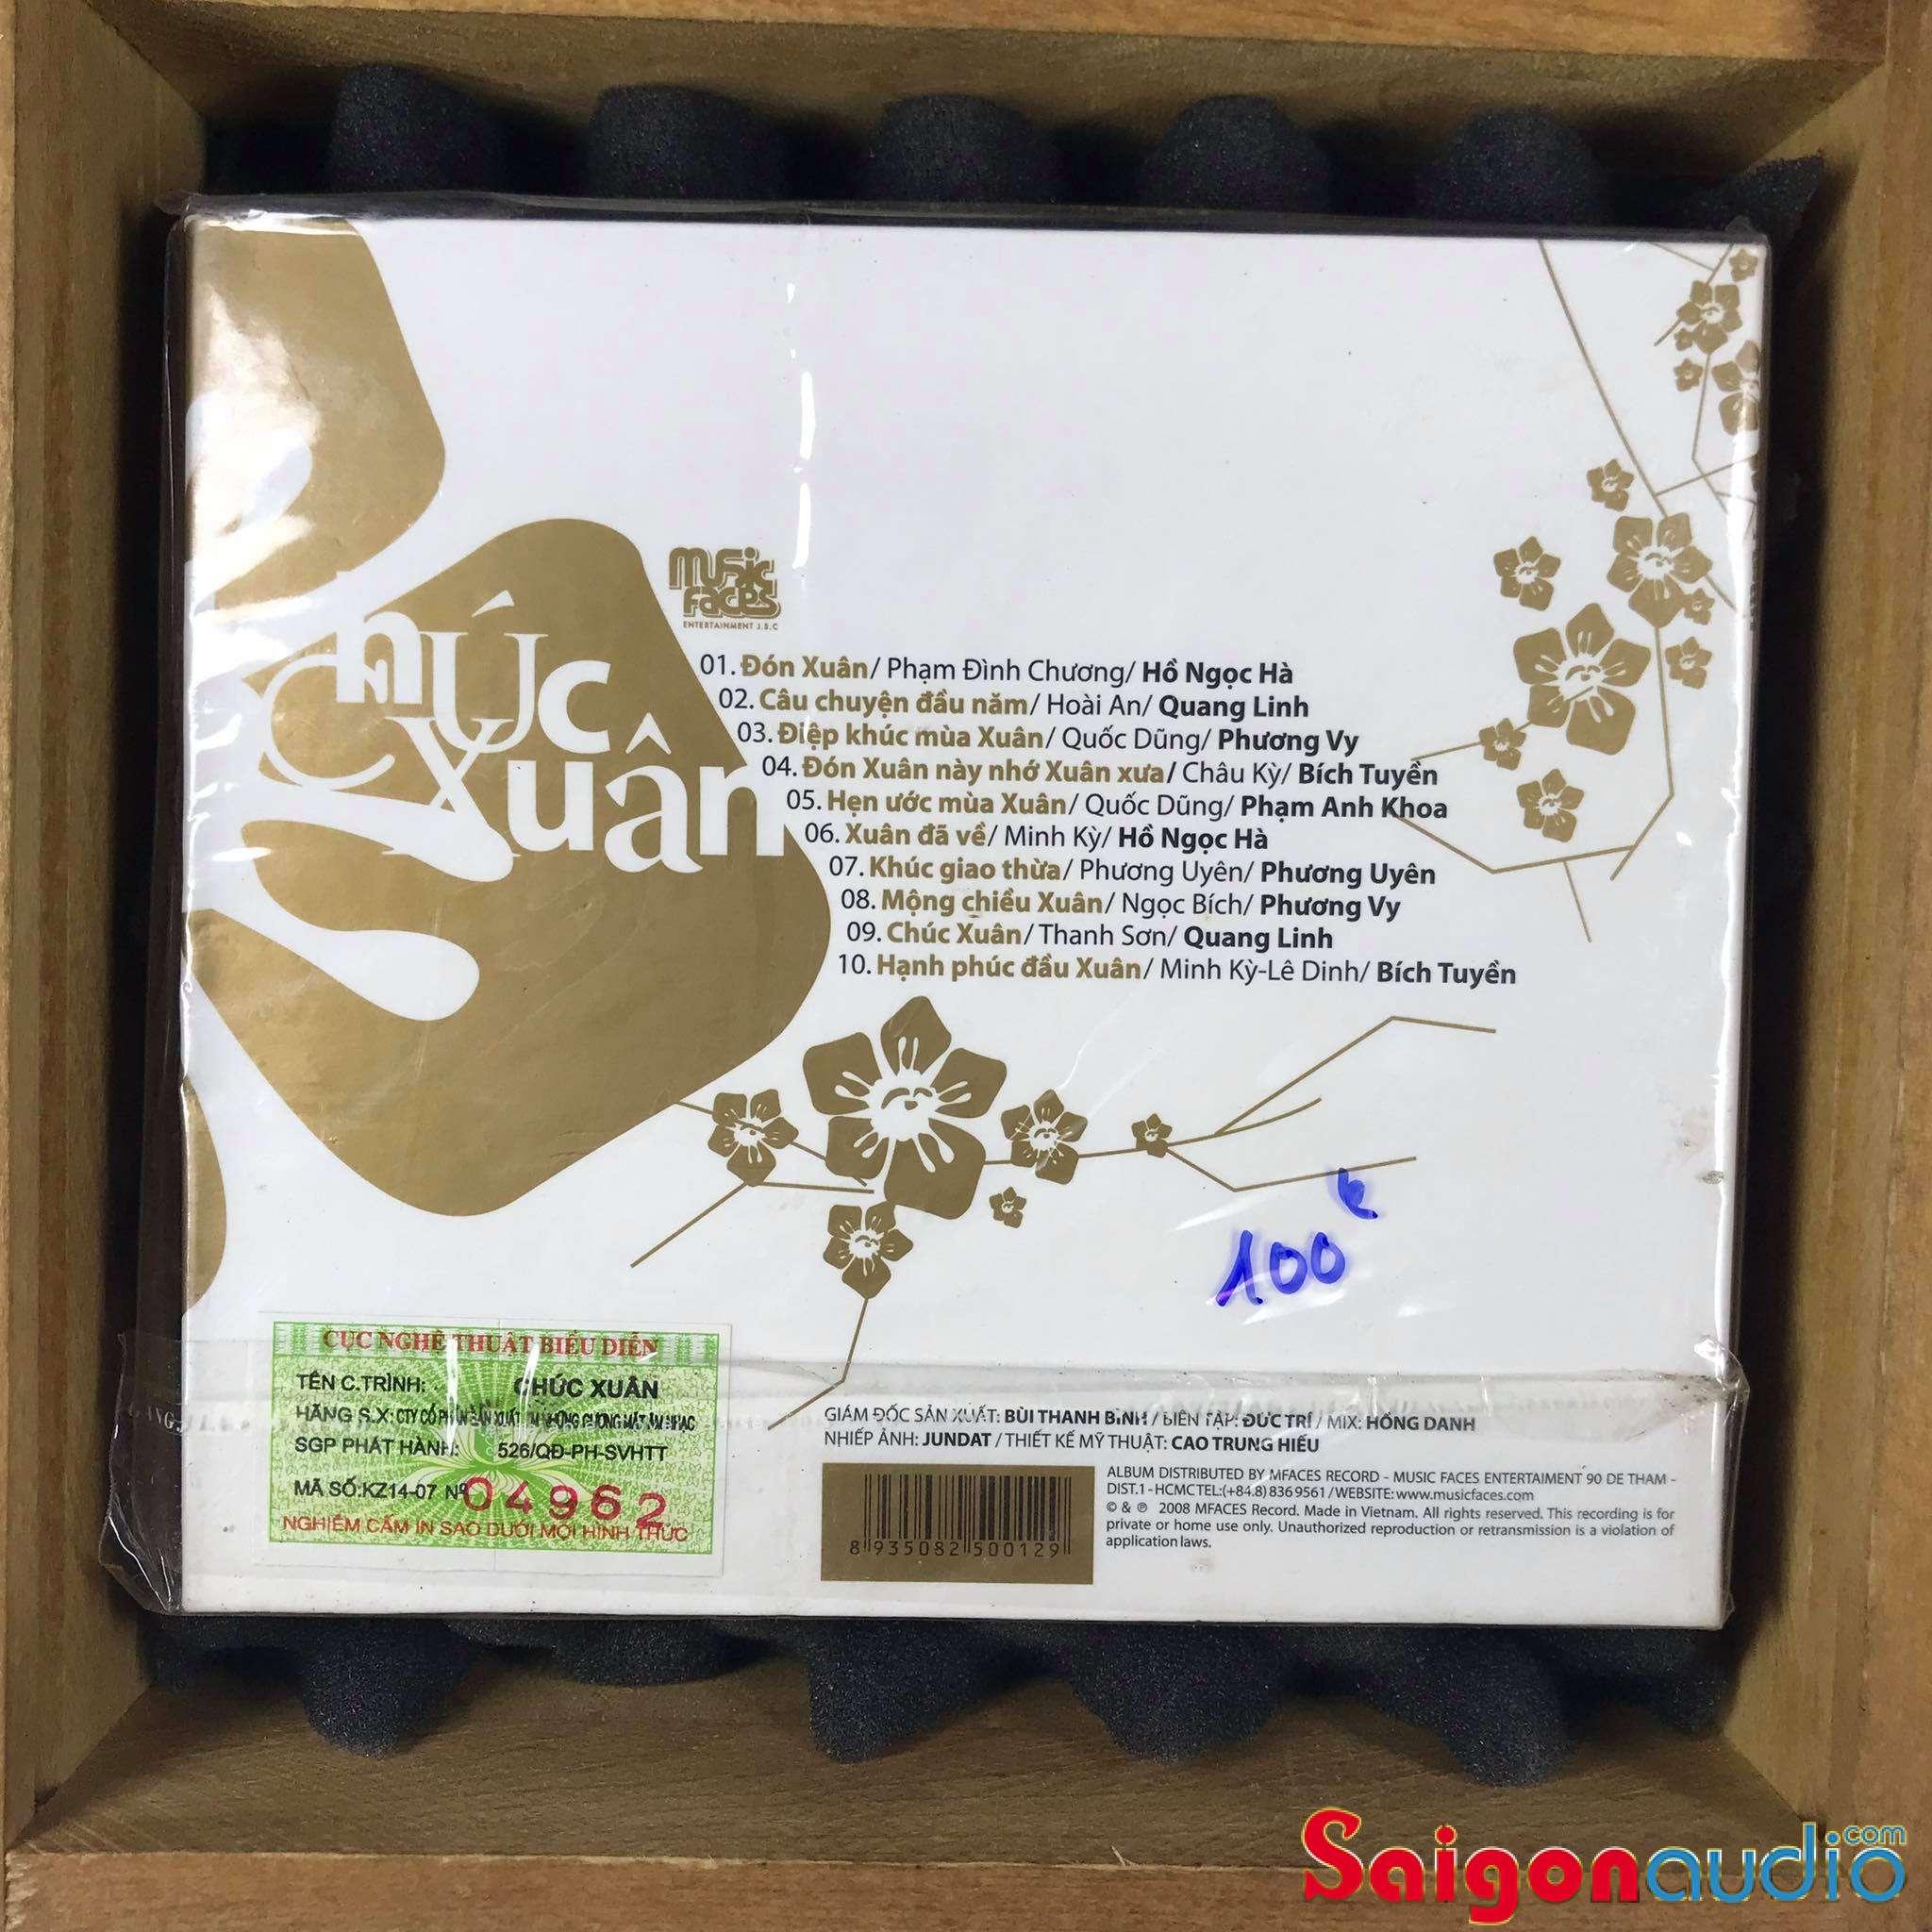 Đĩa CD nhạc gốc Chúc Xuân (Free ship khi mua 2 đĩa CD cùng hoặc khác loại)